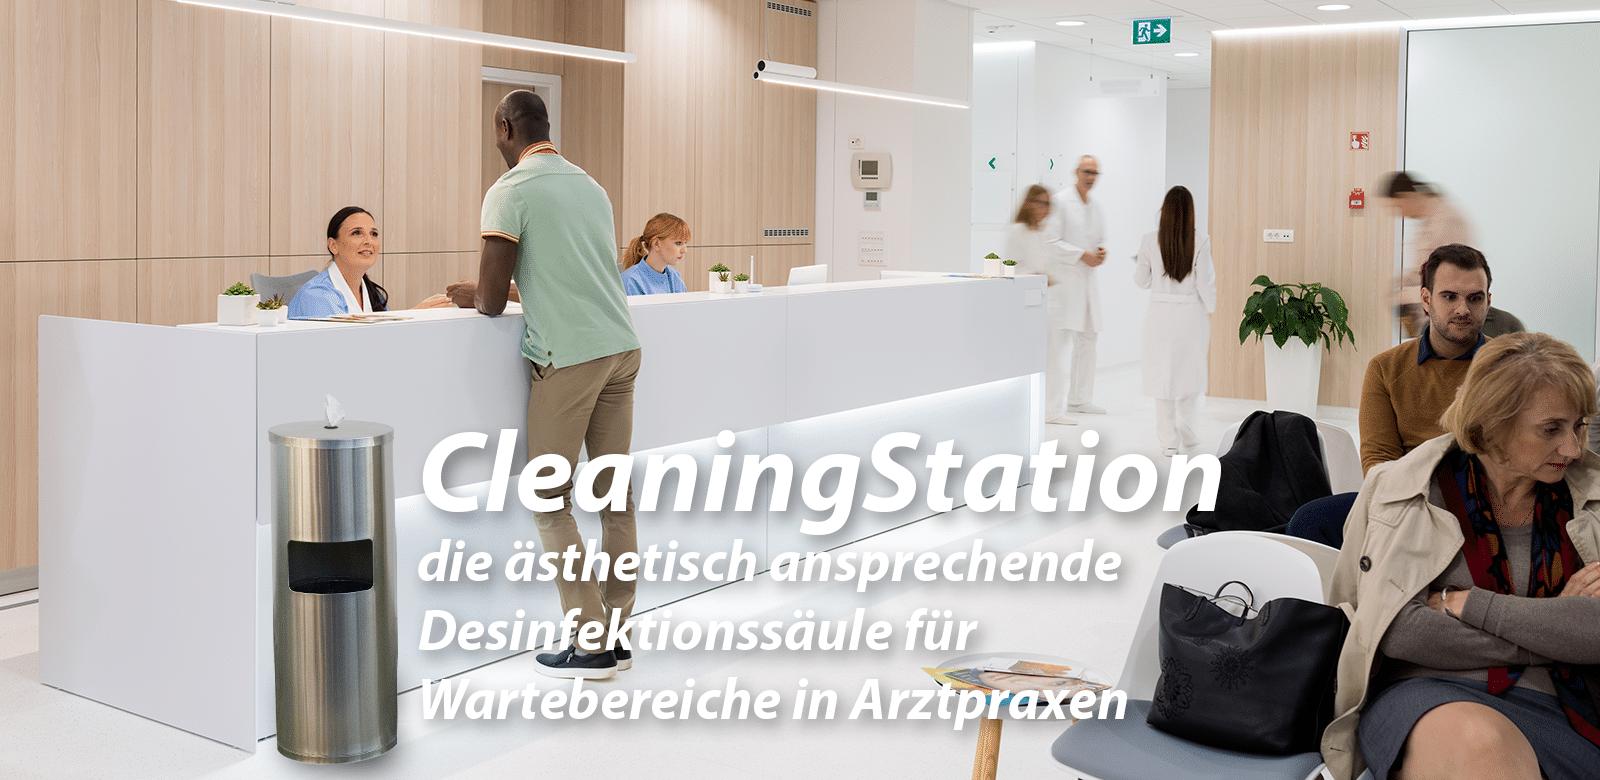 CleaningStation ästhetische Desinfektionssäule zur Handdesinfektion für Arztpraxis Wartebereich-1600